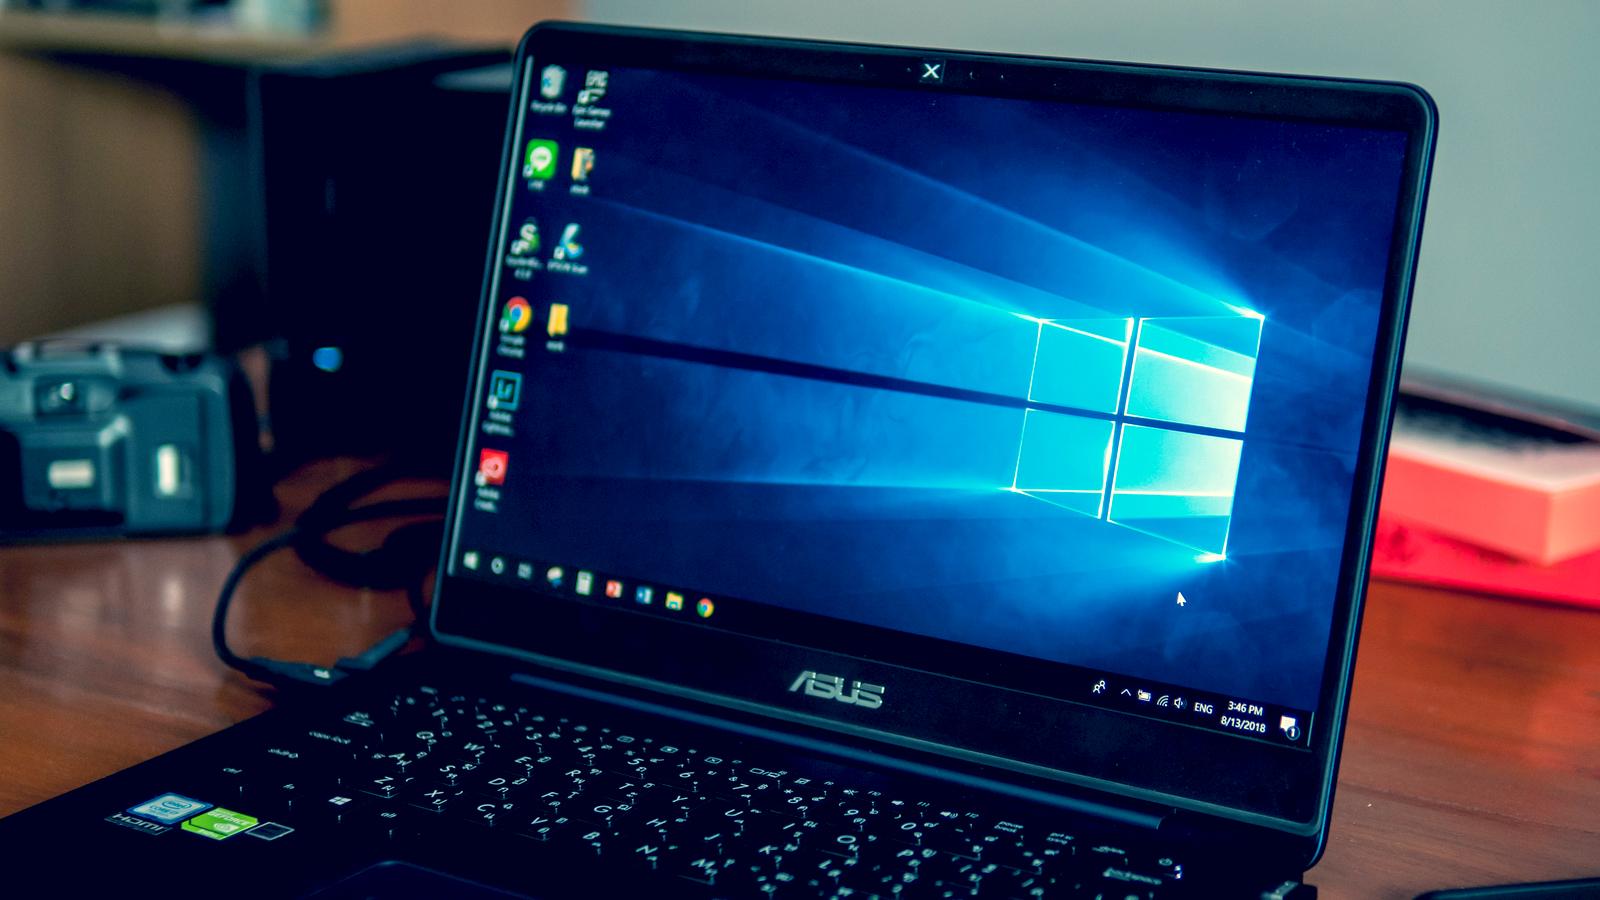 """La nouvelle génération de Windows 10 sera """"incroyable"""" et """"massive"""" selon Panos Panay"""